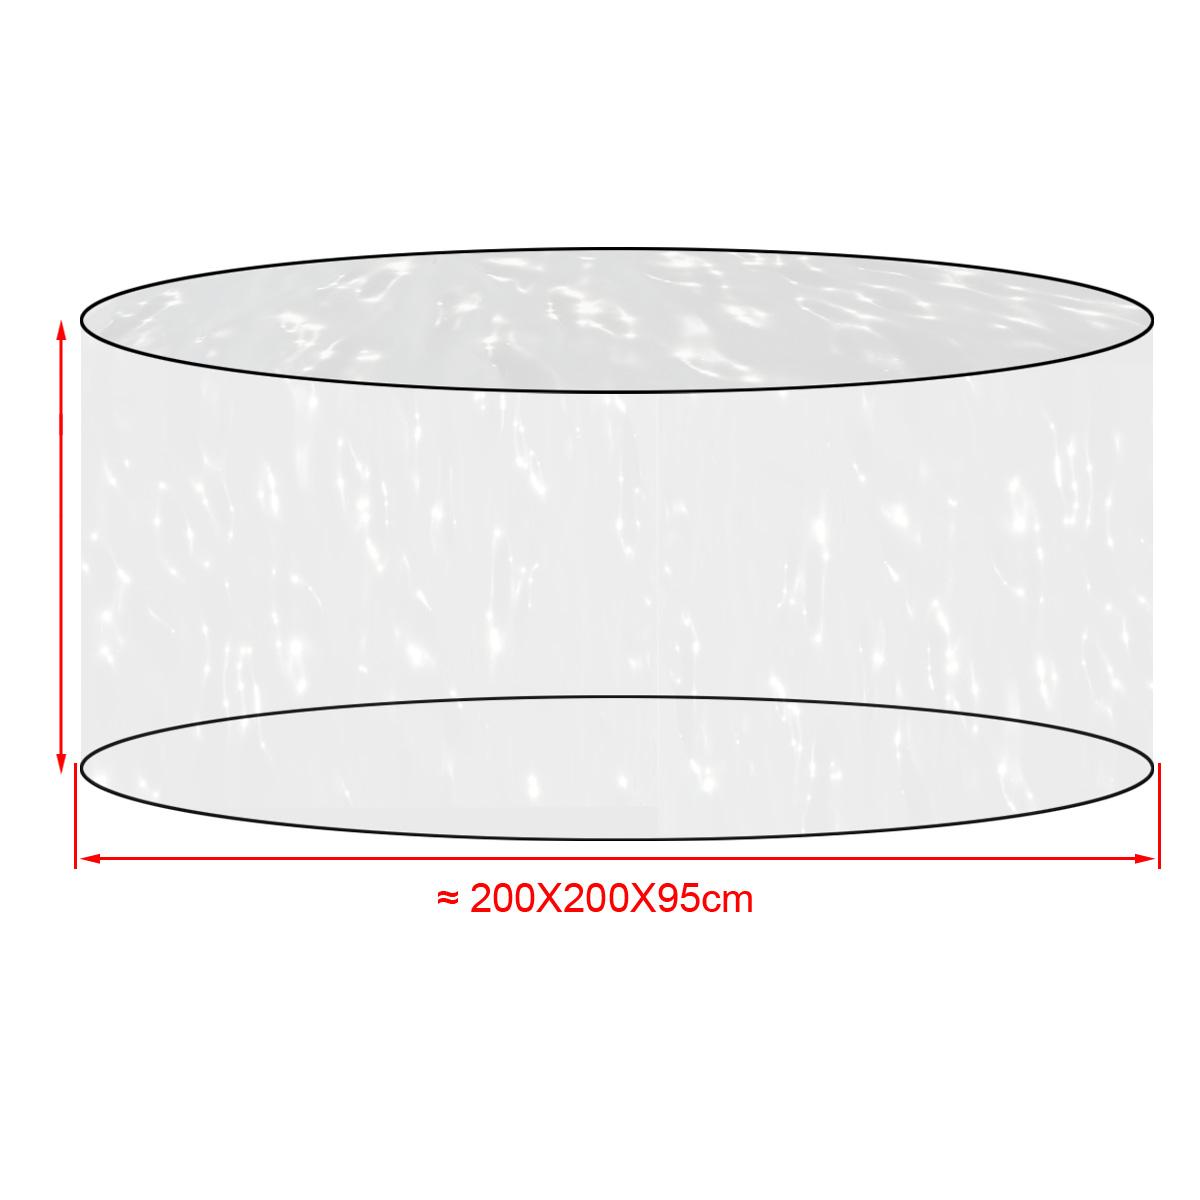 Housse de protection transparent pour meuble jardin - Housse de protection meuble exterieur ...